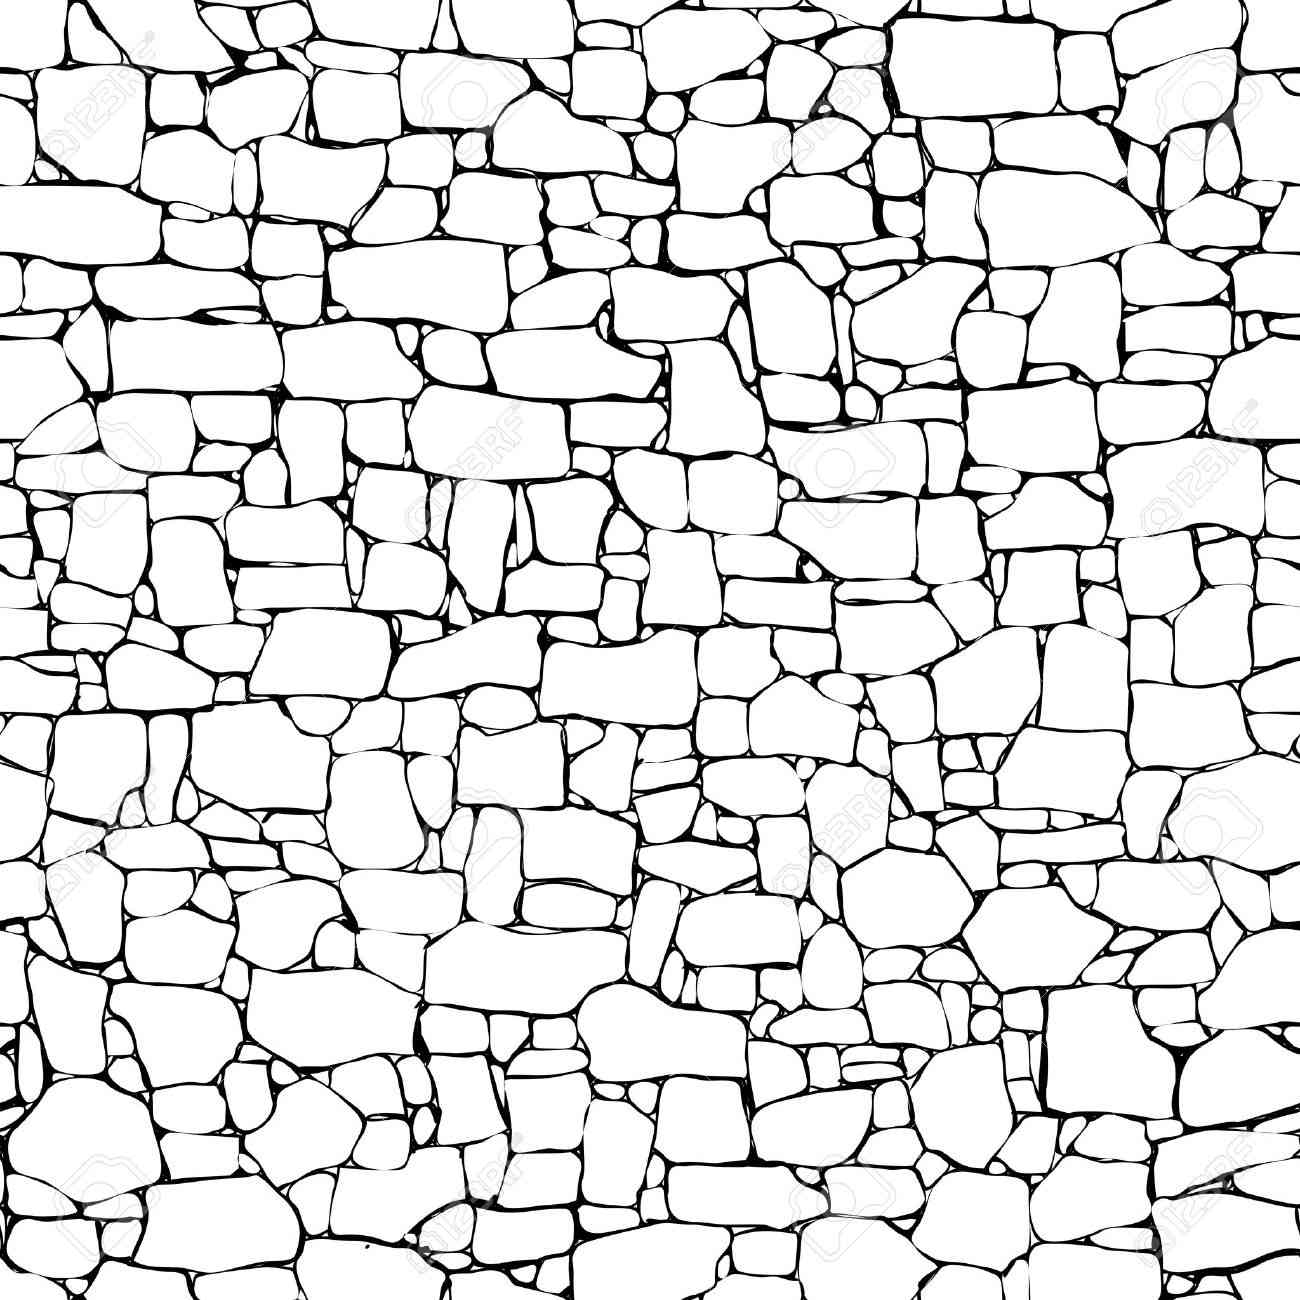 1300x1300 Broken Brick Wall Drawing